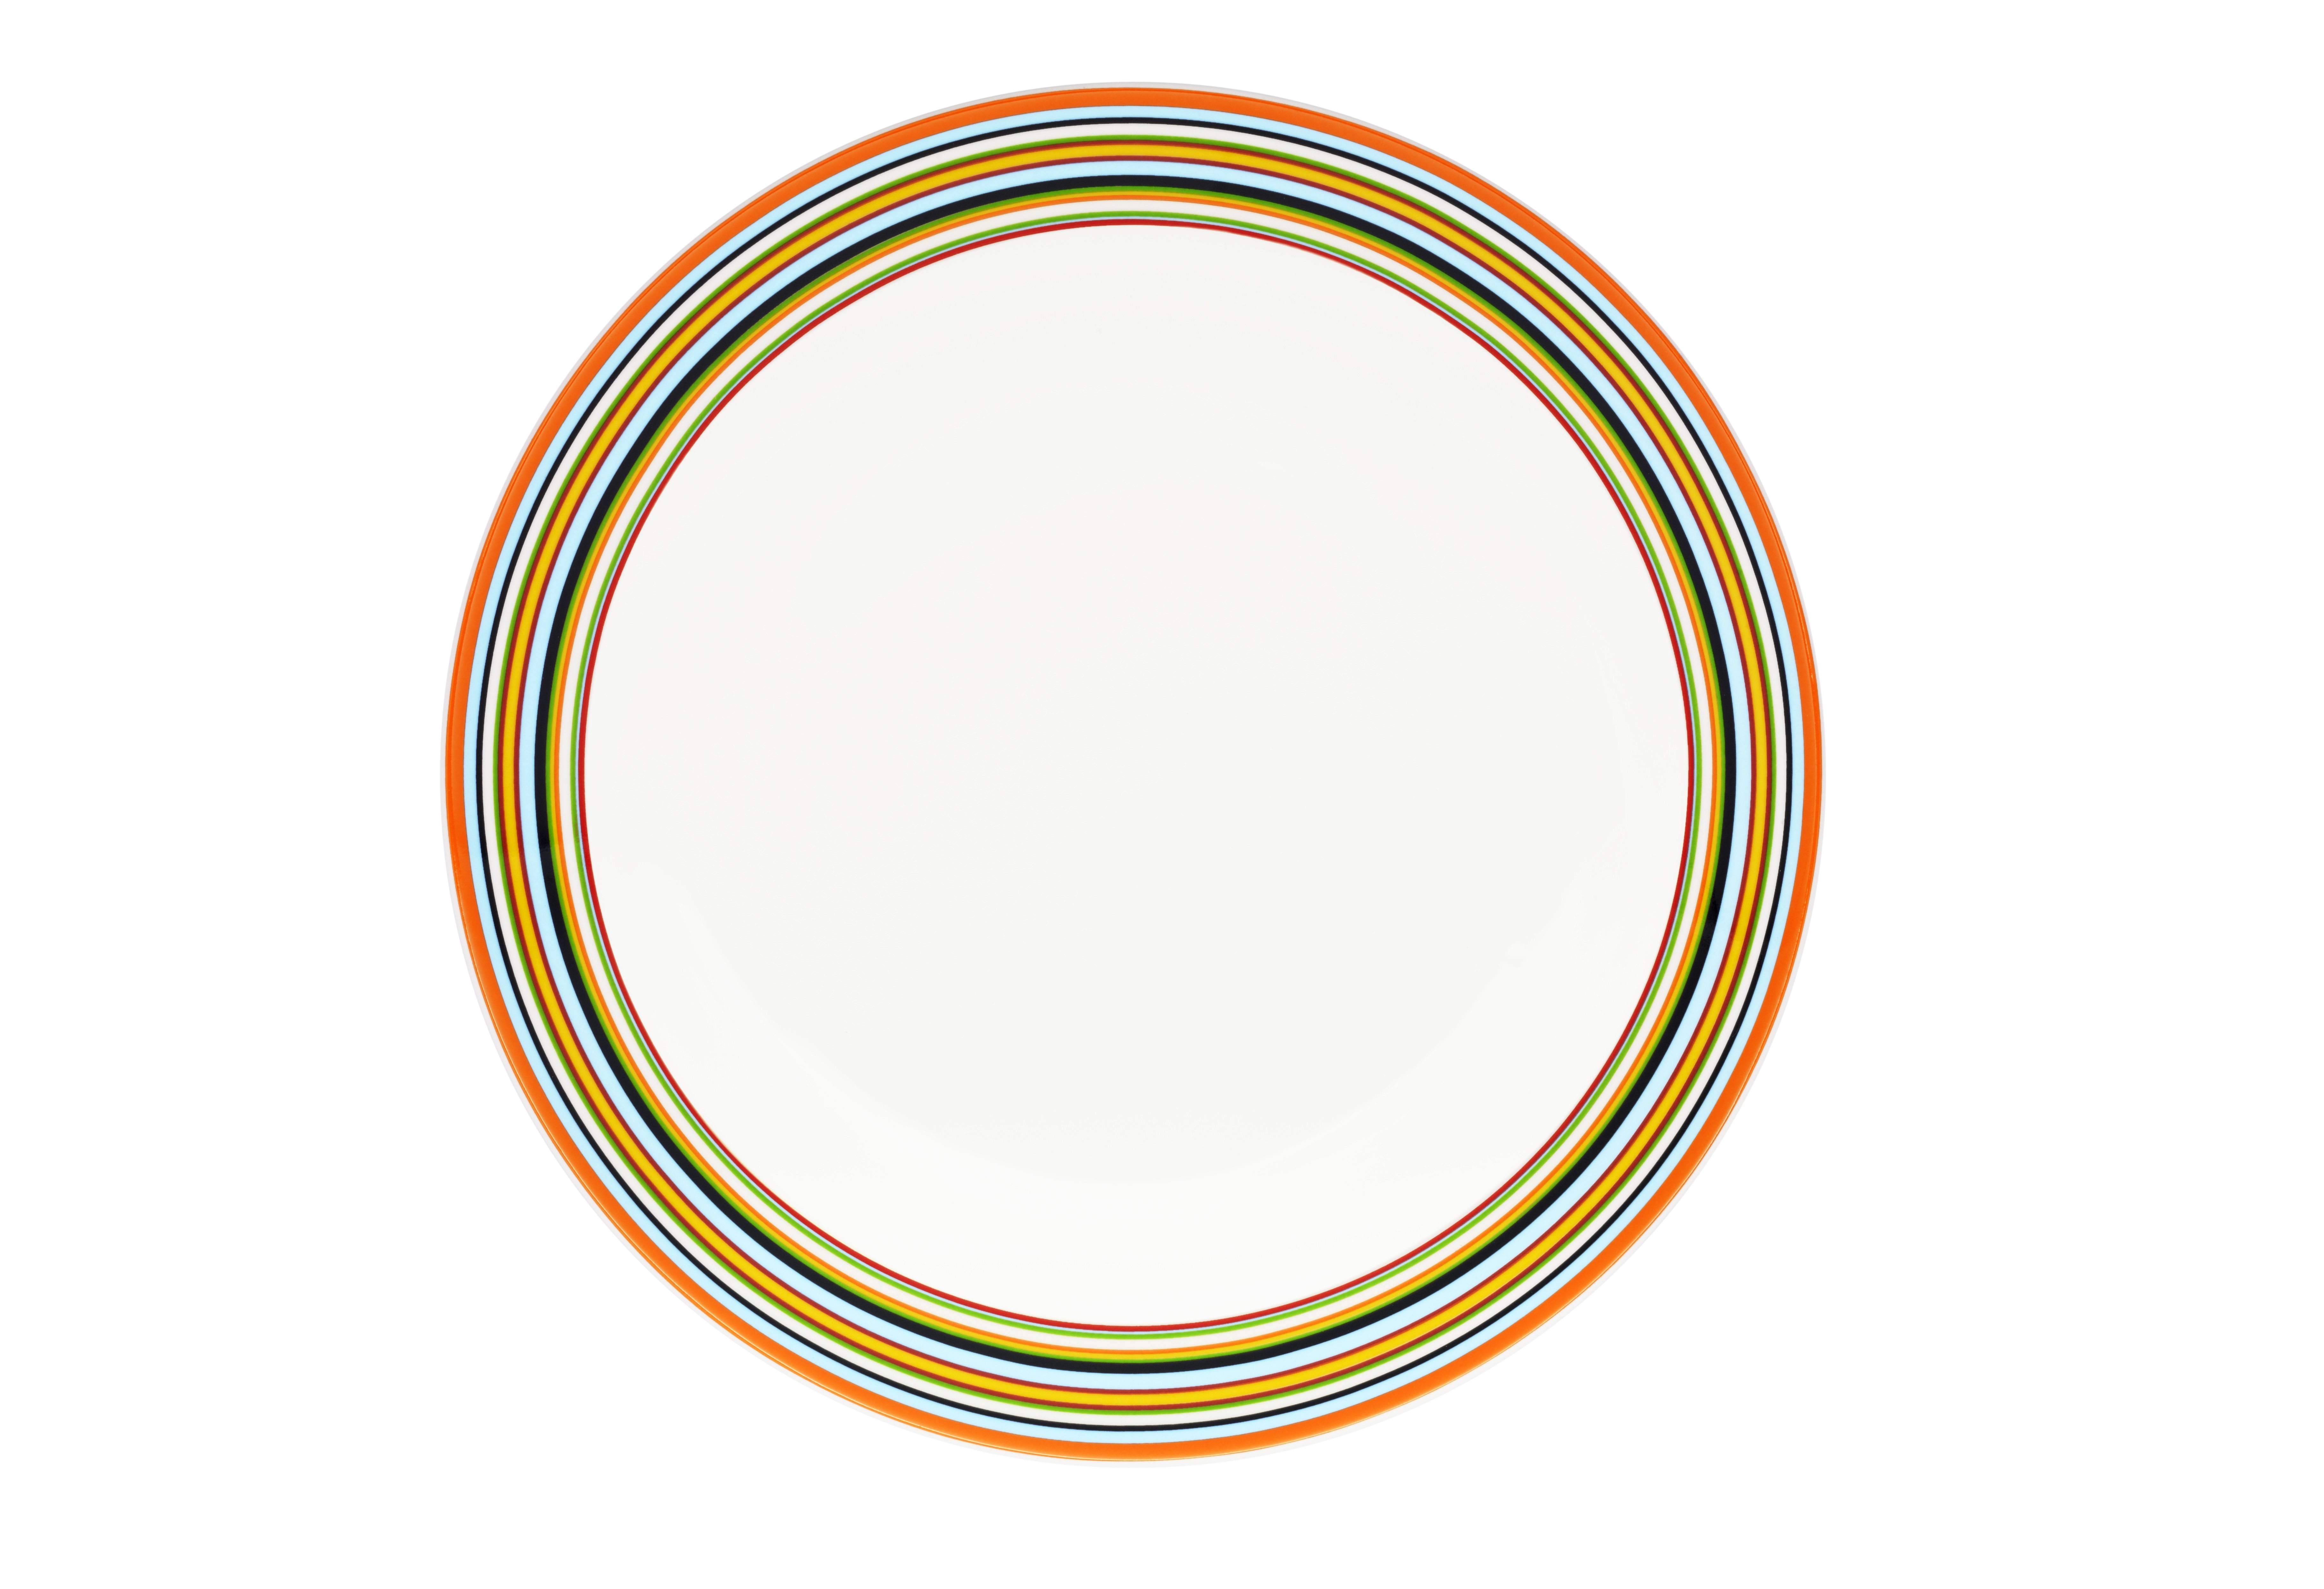 Тарелка OrigoТарелки<br>Смелый полосатый рисунок посуды серии Origo будет свежо смотреться на любой кухне. Посуда прекрасно сочетается с посудой других серий Iittala и подходит для приёма любой пищи. Впервые серия вышла 1999 году и с того момента стала невероятно популярной во всем мире.<br><br>Material: Фарфор<br>Высота см: 2